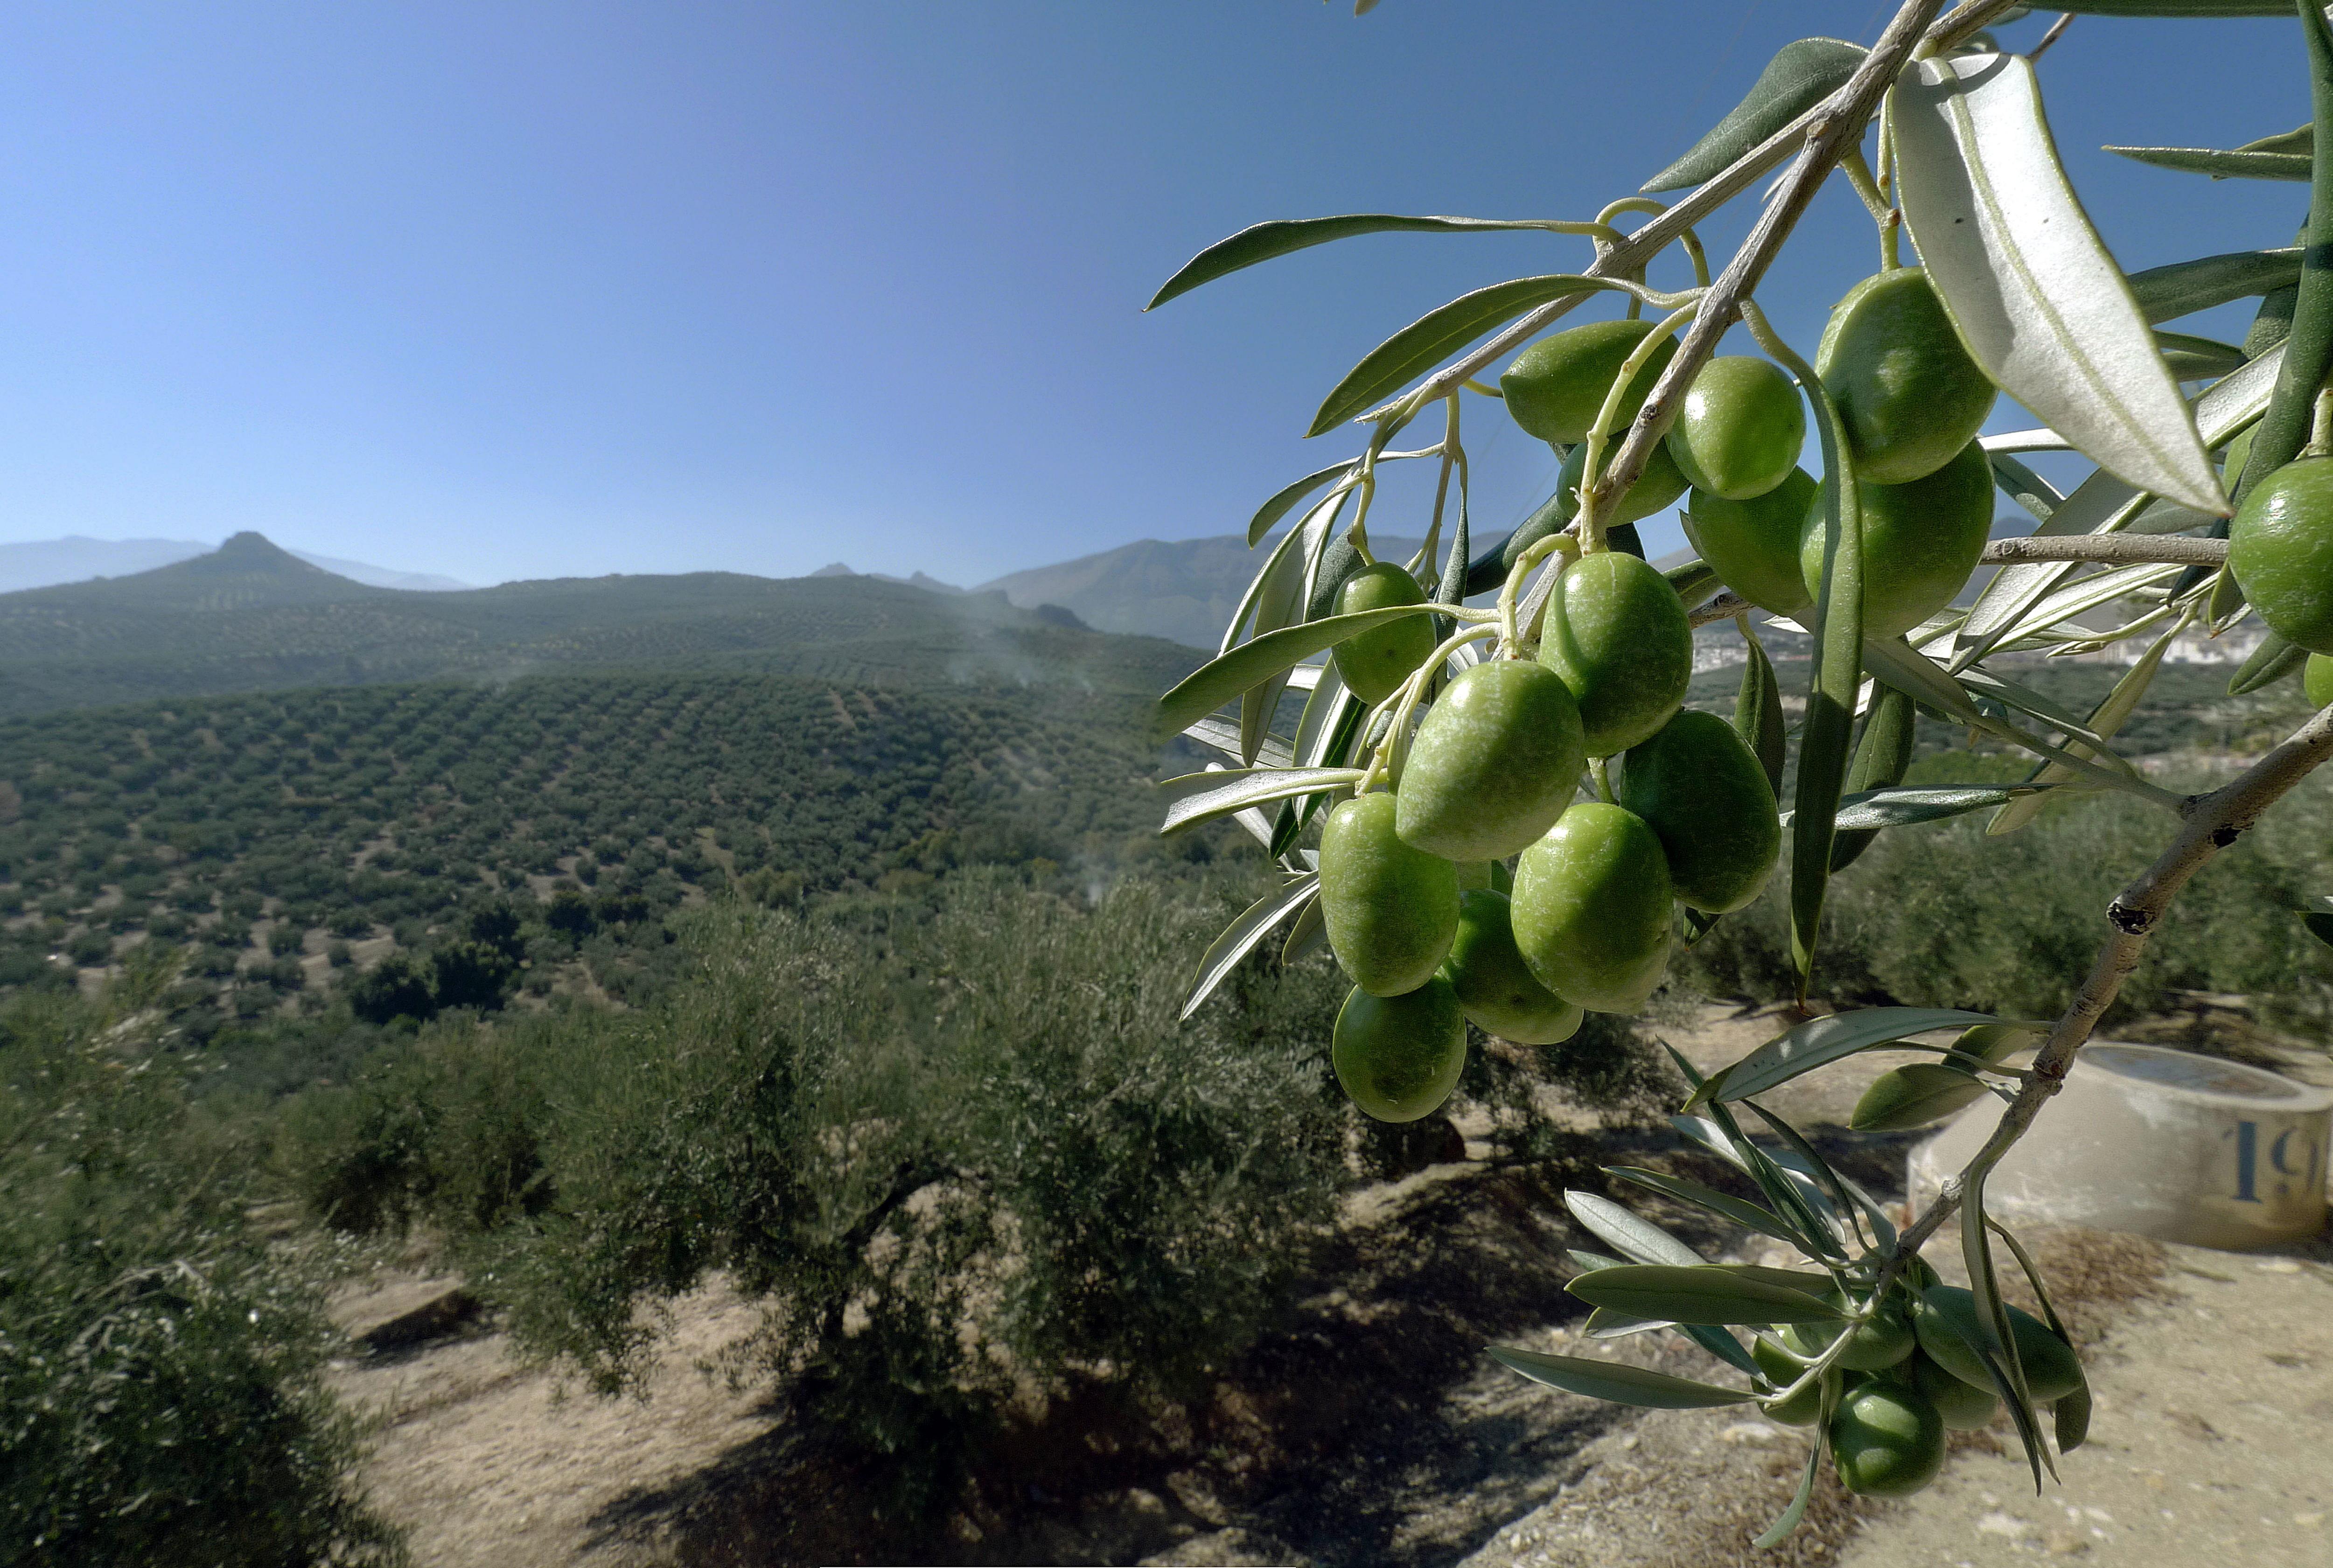 El aceite de oliva es la producción agroalimentaria andaluza que mayor volumen de ayudas recibe. / JOSÉ PEDROSA (EFE)